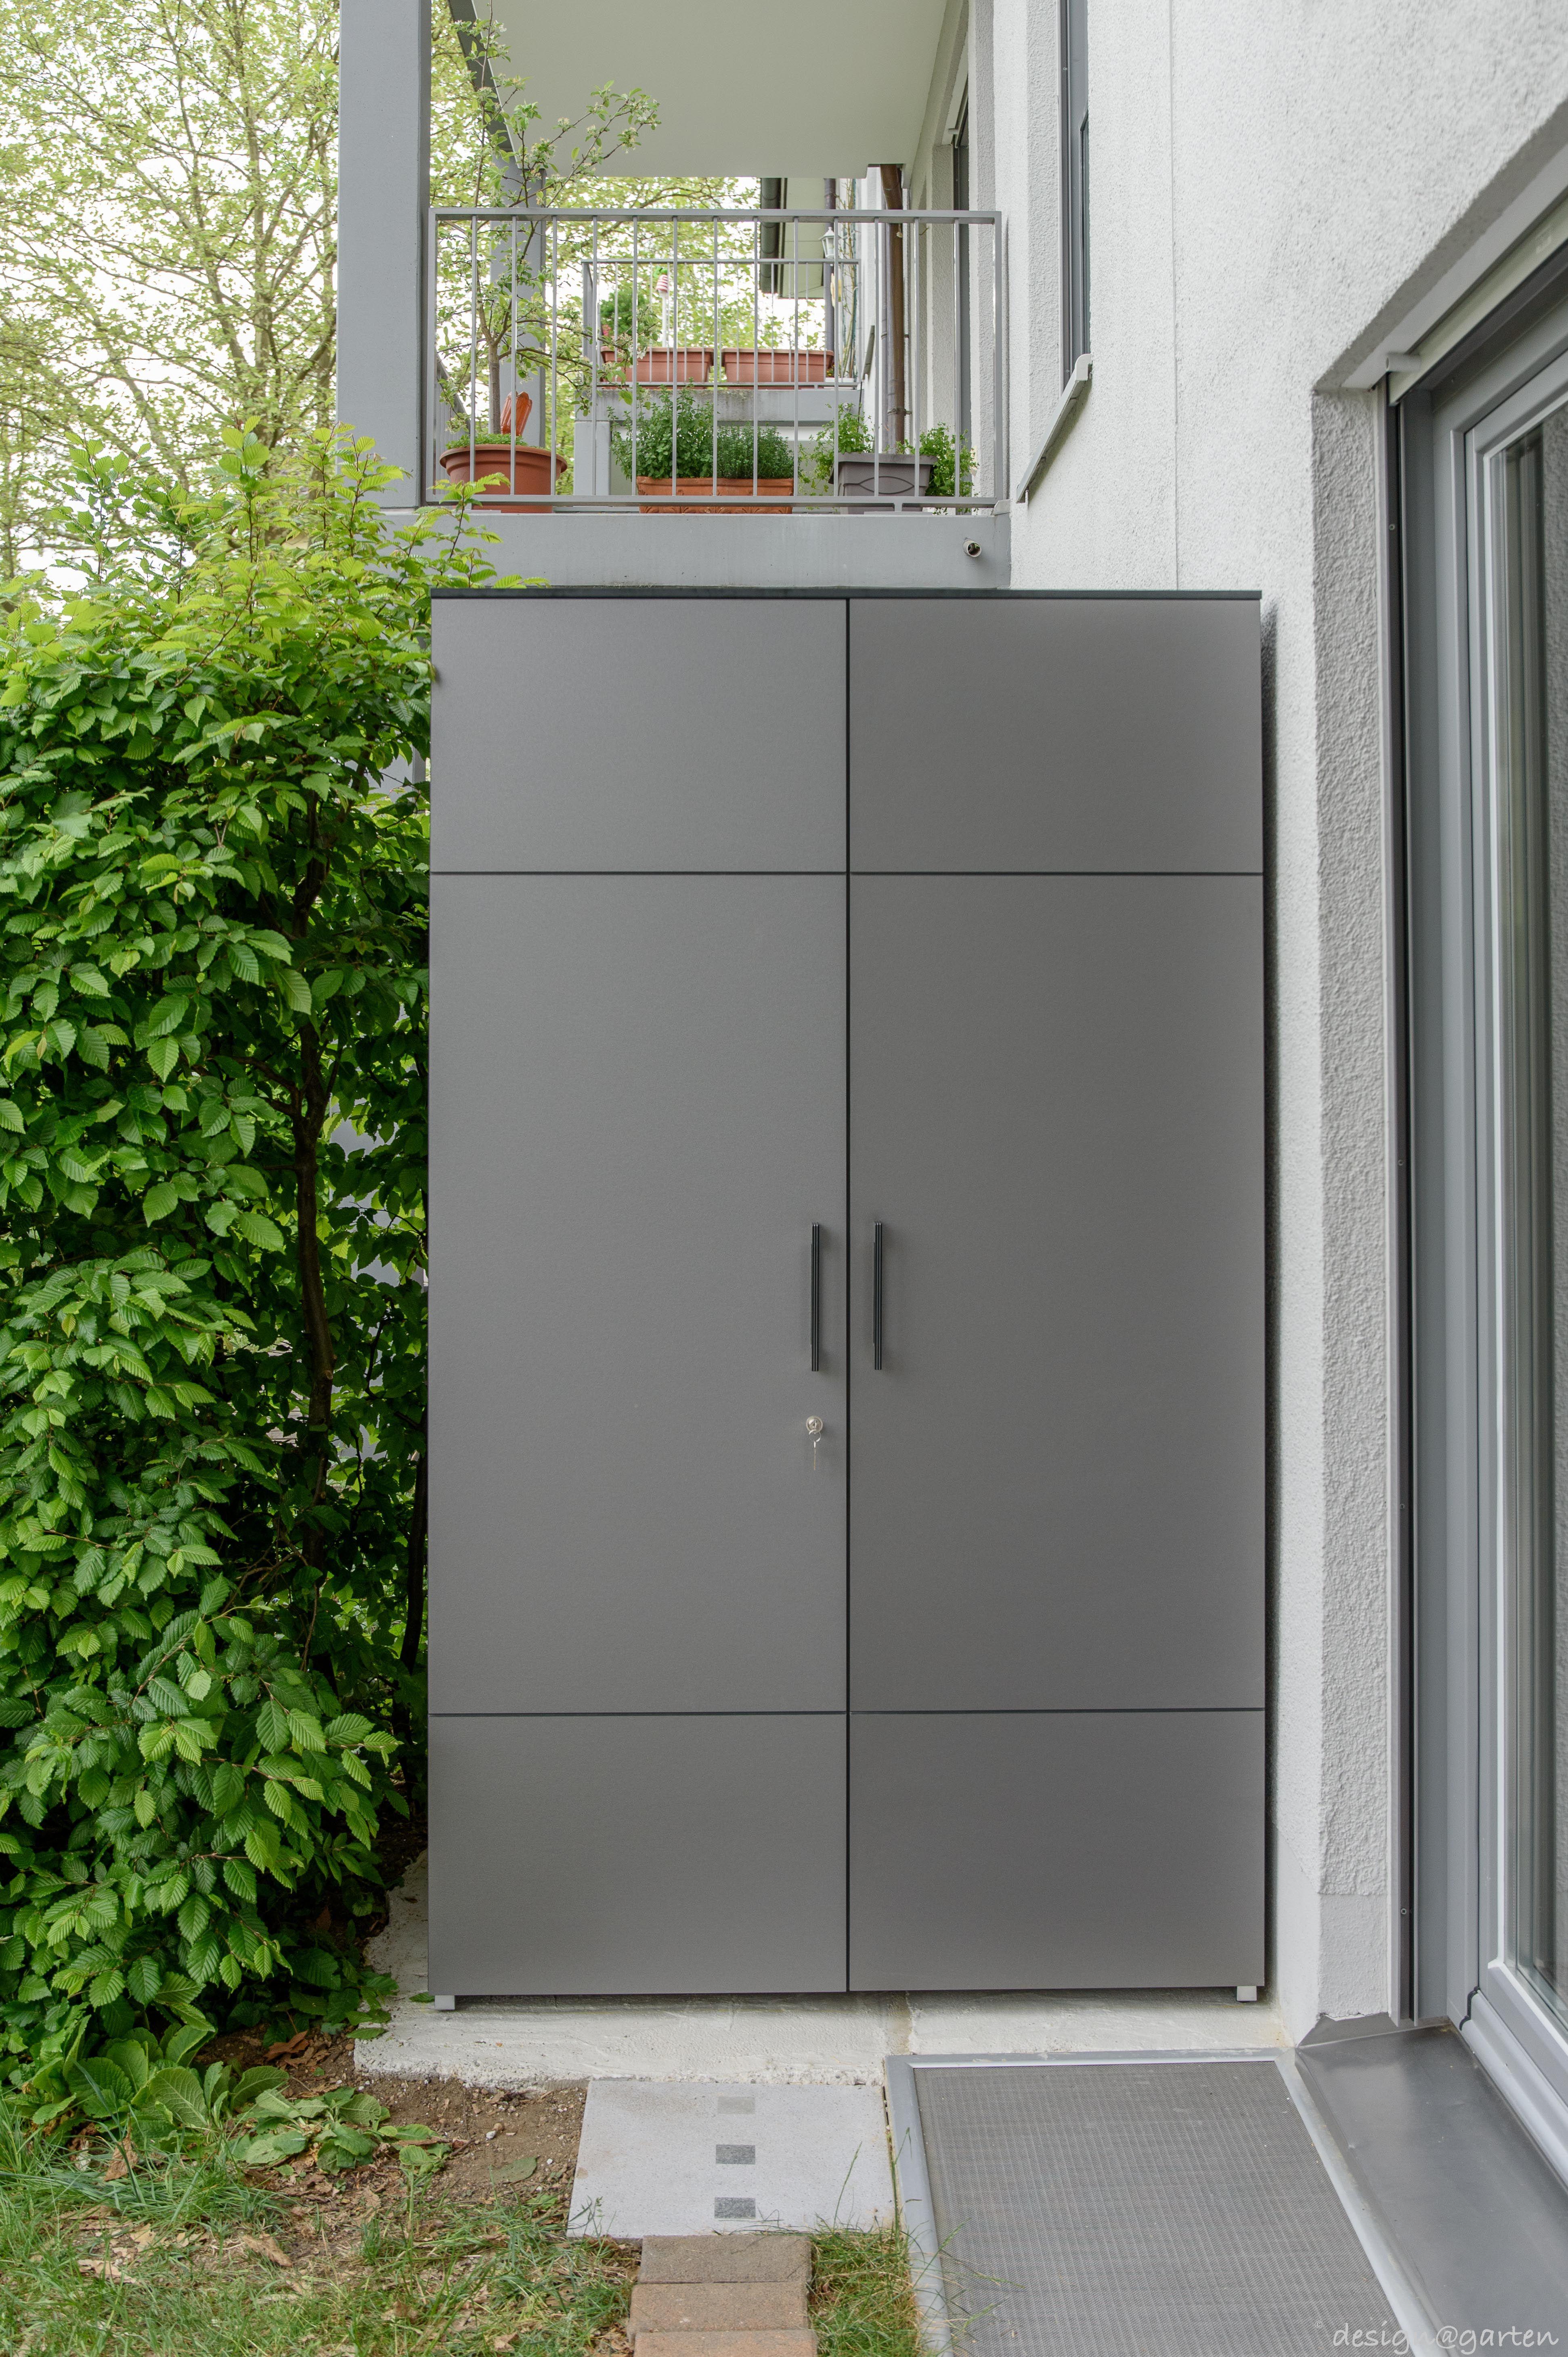 Balkonschrank Terrassenschrank Hochschrank Win In Munchen By Design Garten Augsburg Farbe Graualuminium Metallics Gartenschrank Balkonschrank Schrank